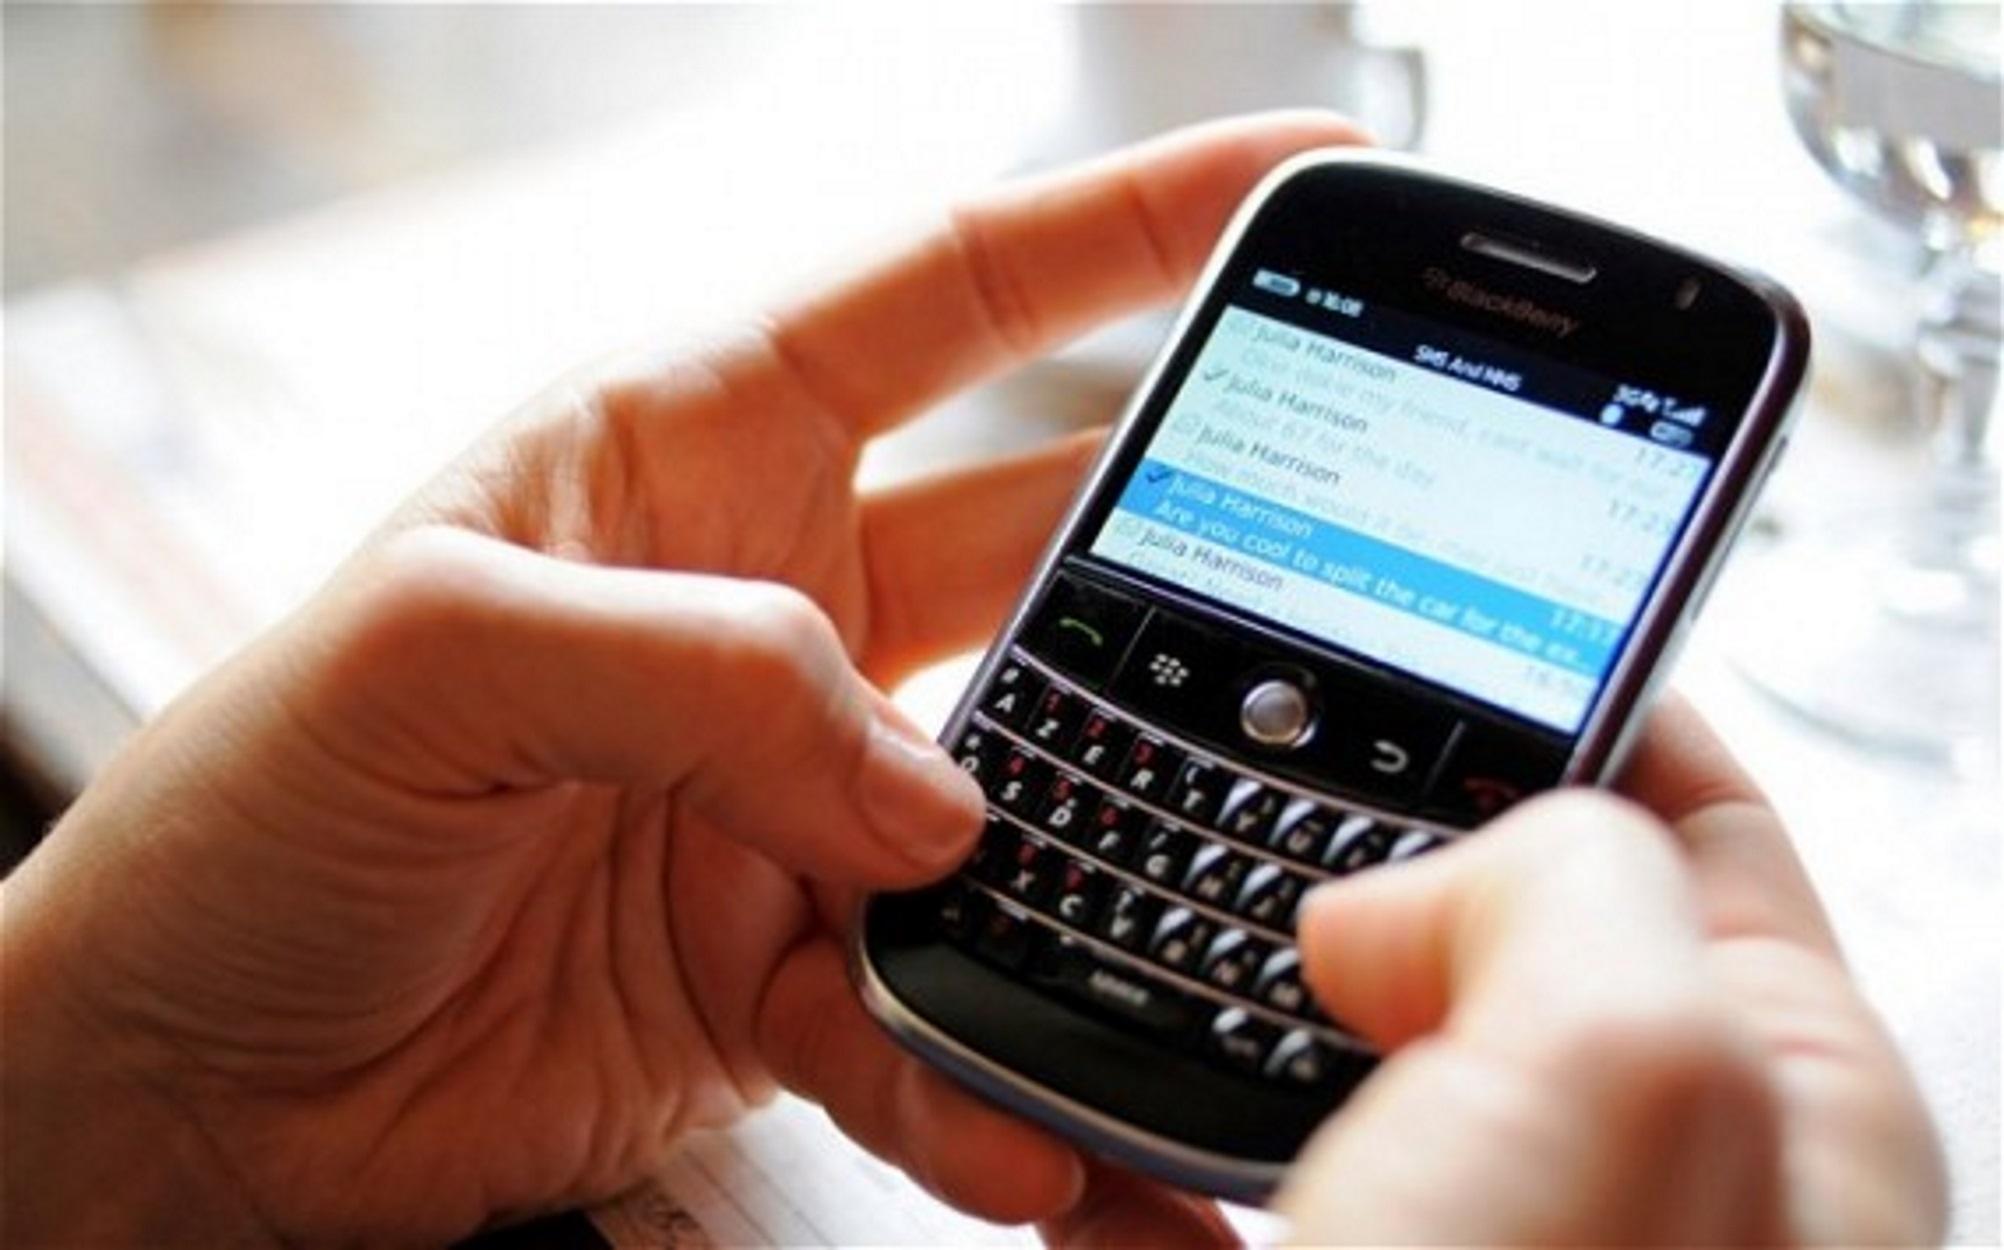 Τέλος οι απάτες με χρεώσεις στα κινητά από πενταψήφιους αριθμούς!